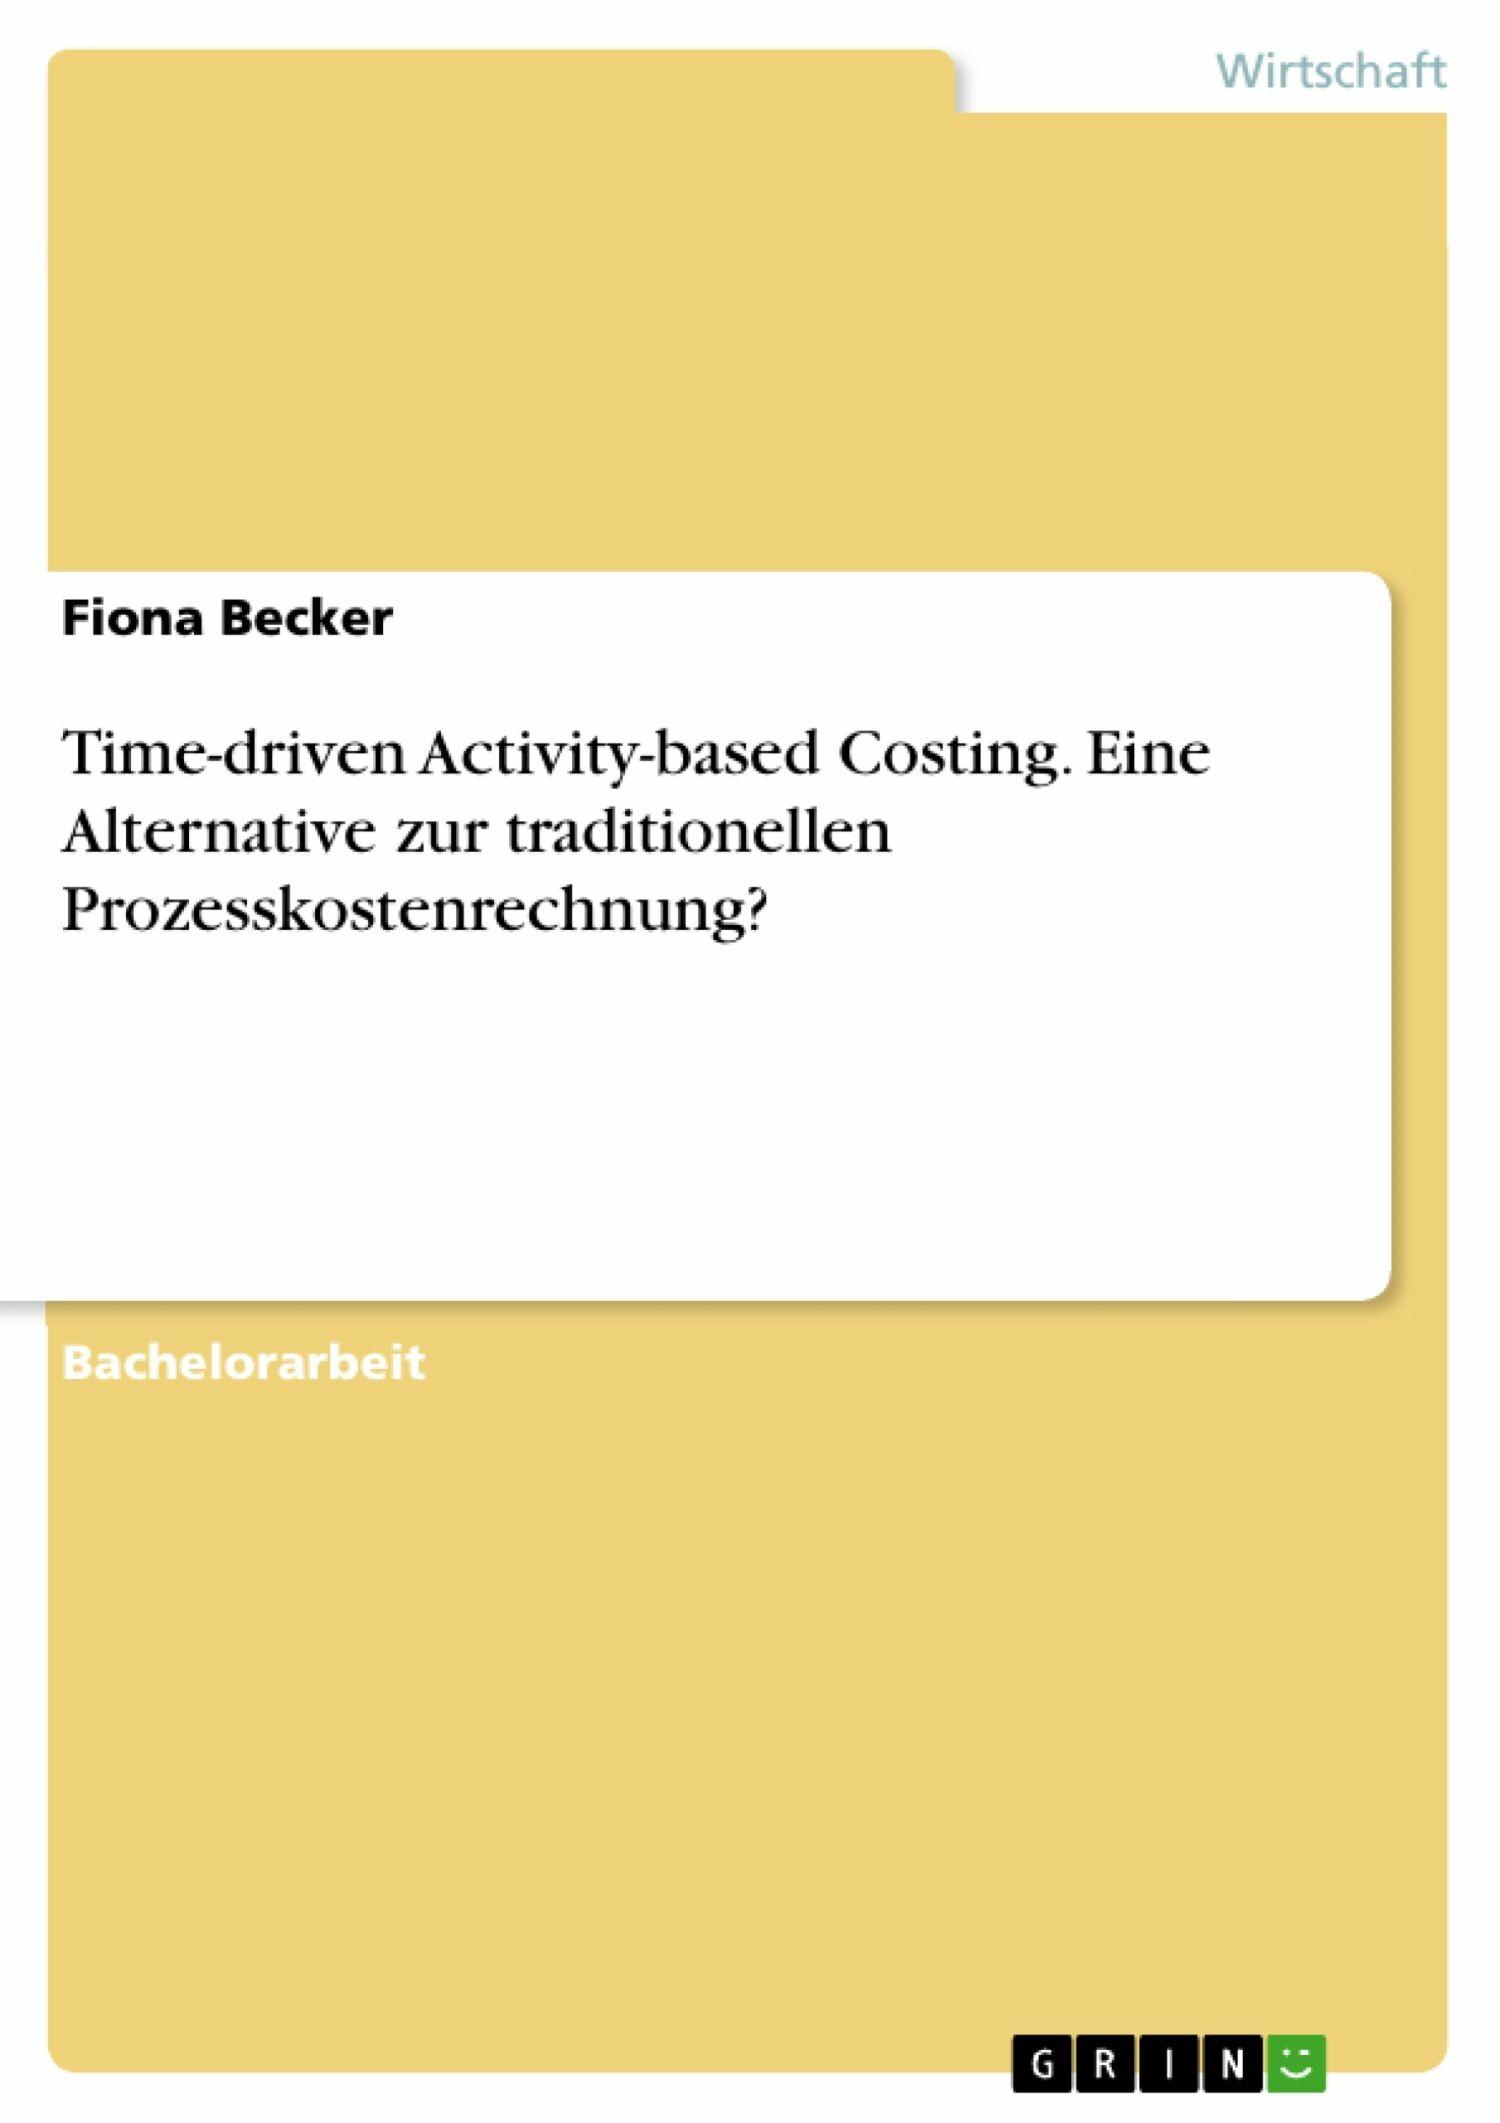 eBook Time driven Activity based Costing. Eine Alternative zur  traditionellen Prozesskostenrechnung